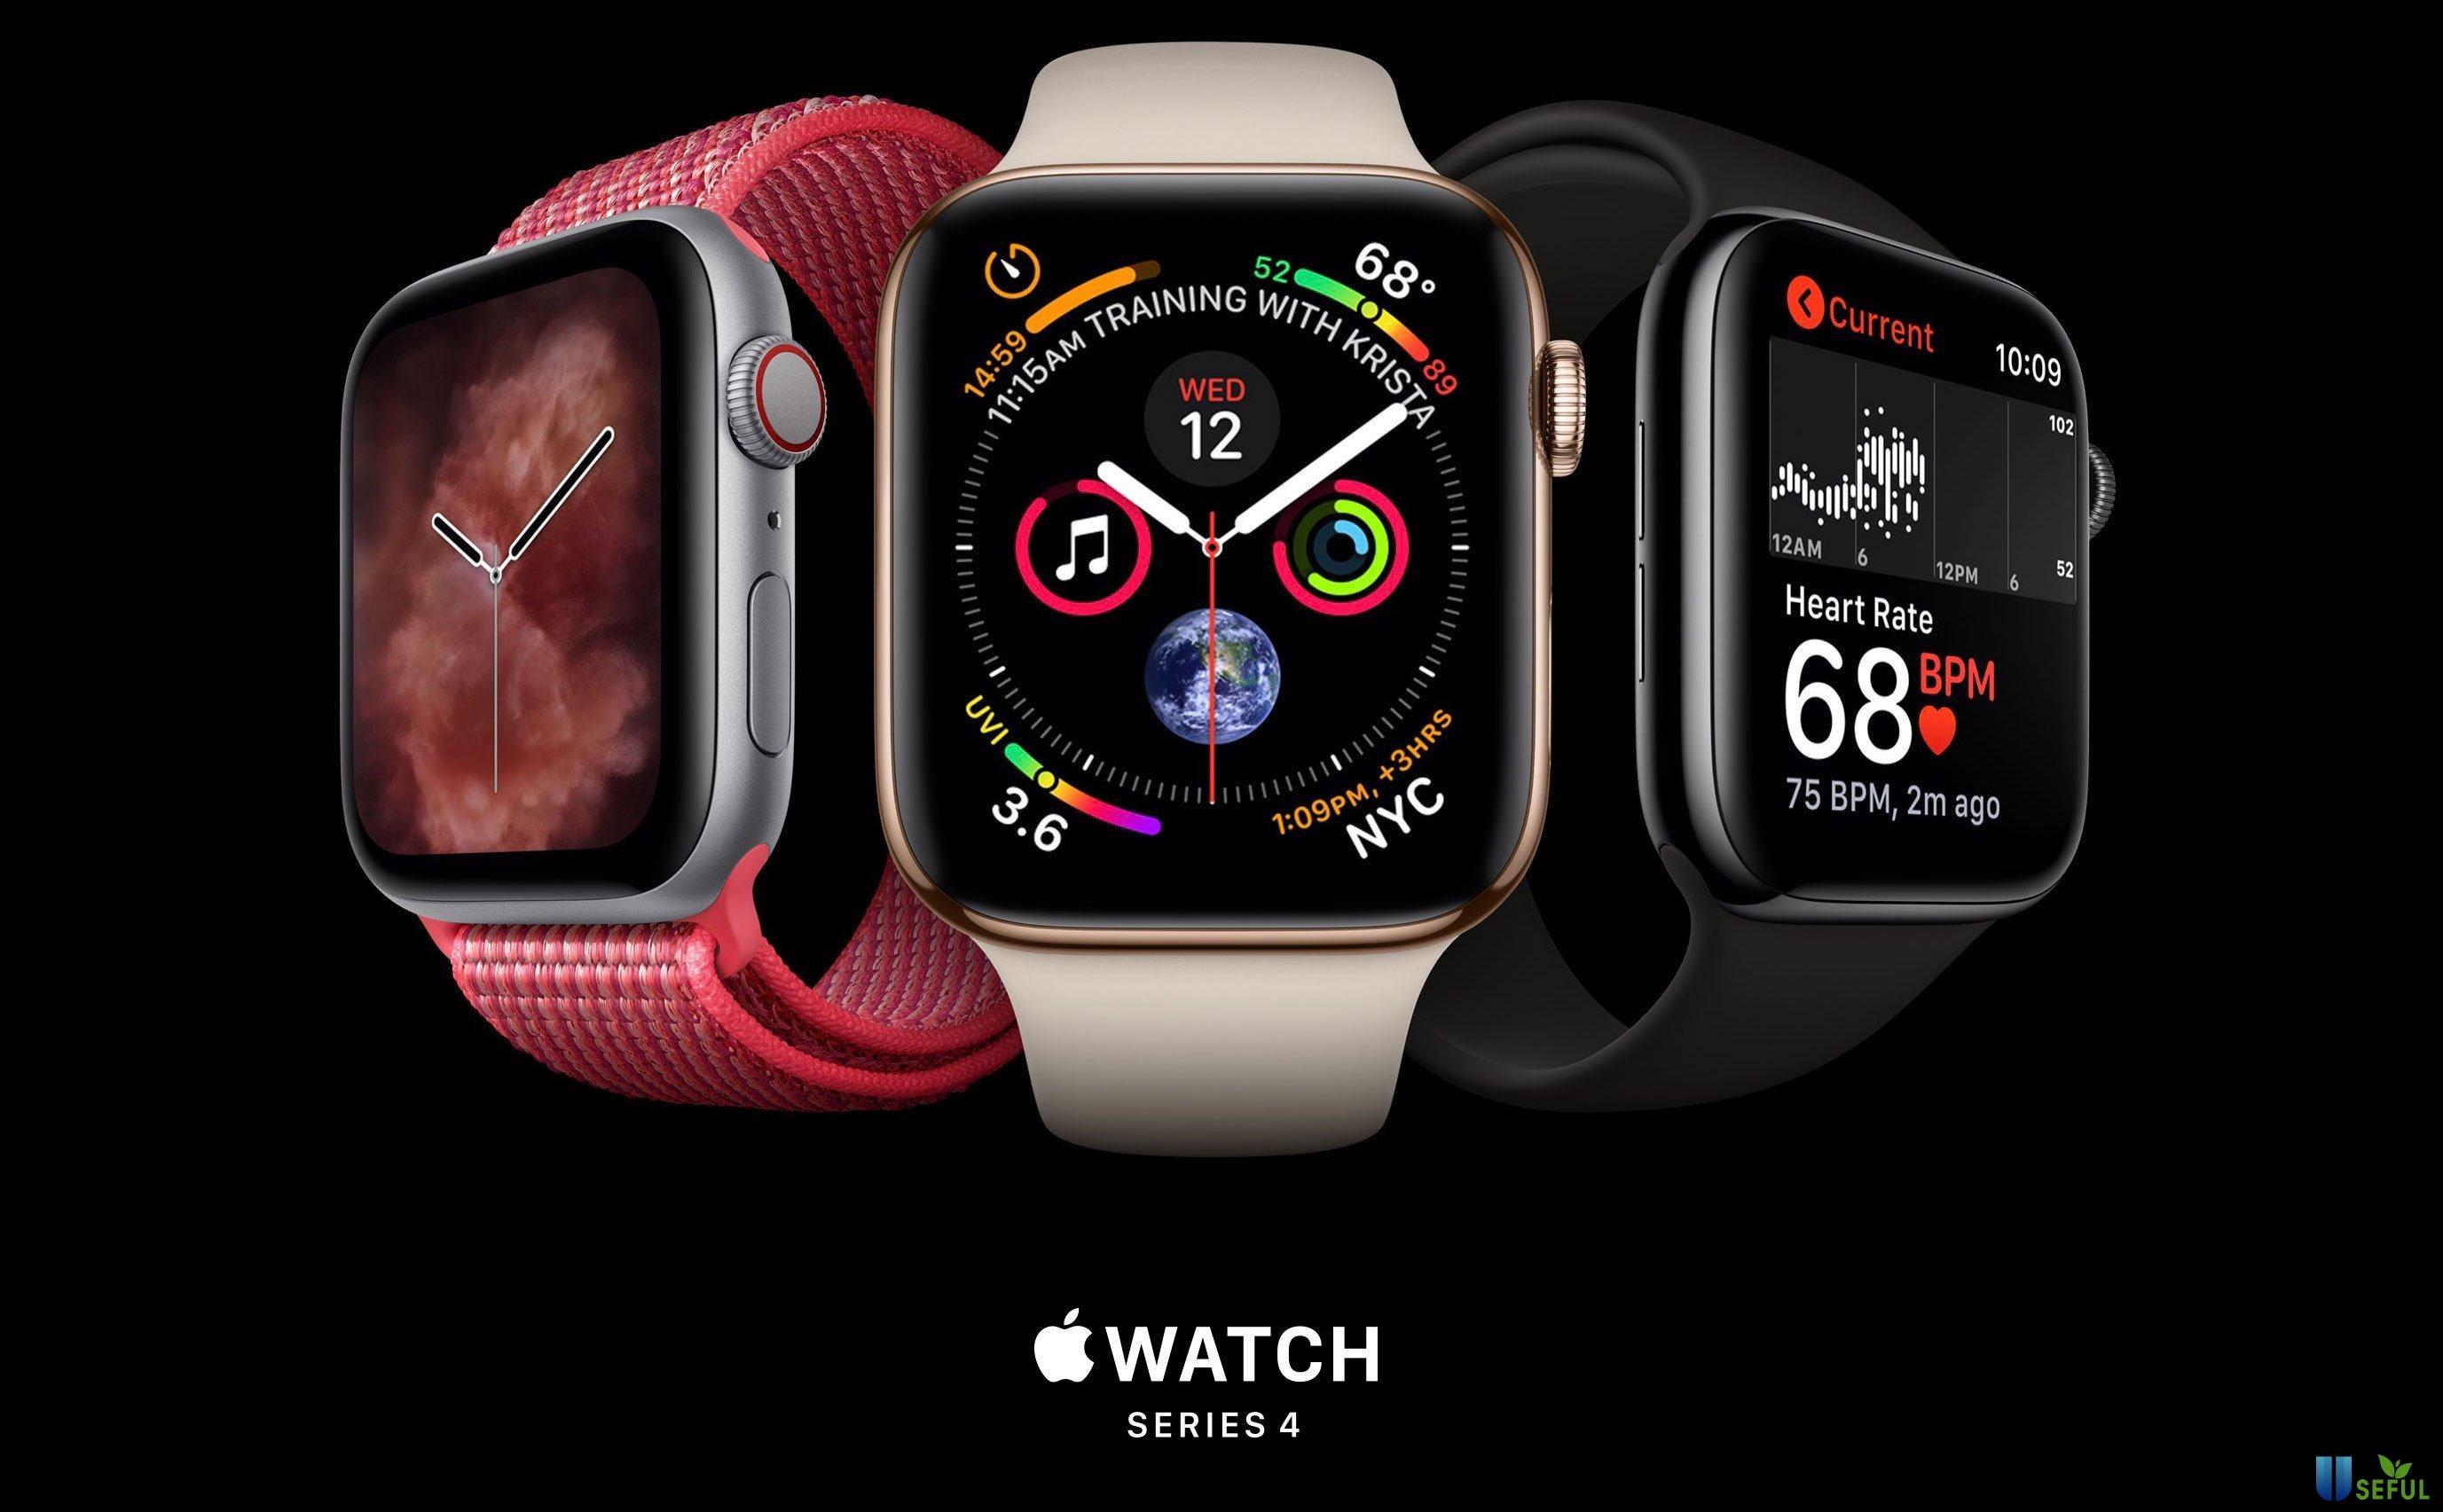 Đồng hồ thông minh Apple Watch Series 4 có mấy phiên bản